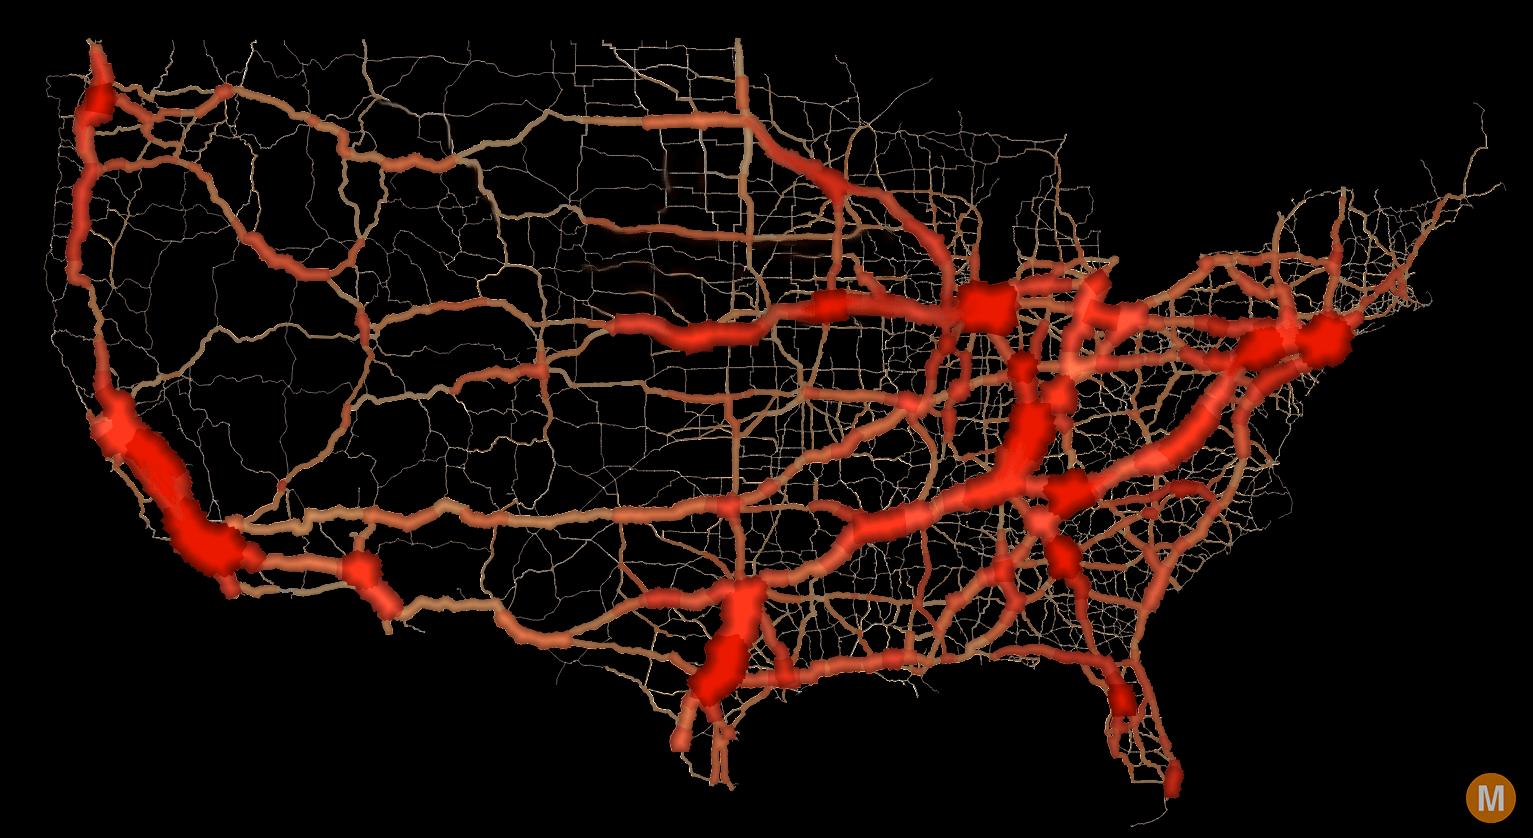 usa-traffic-flow-map-large